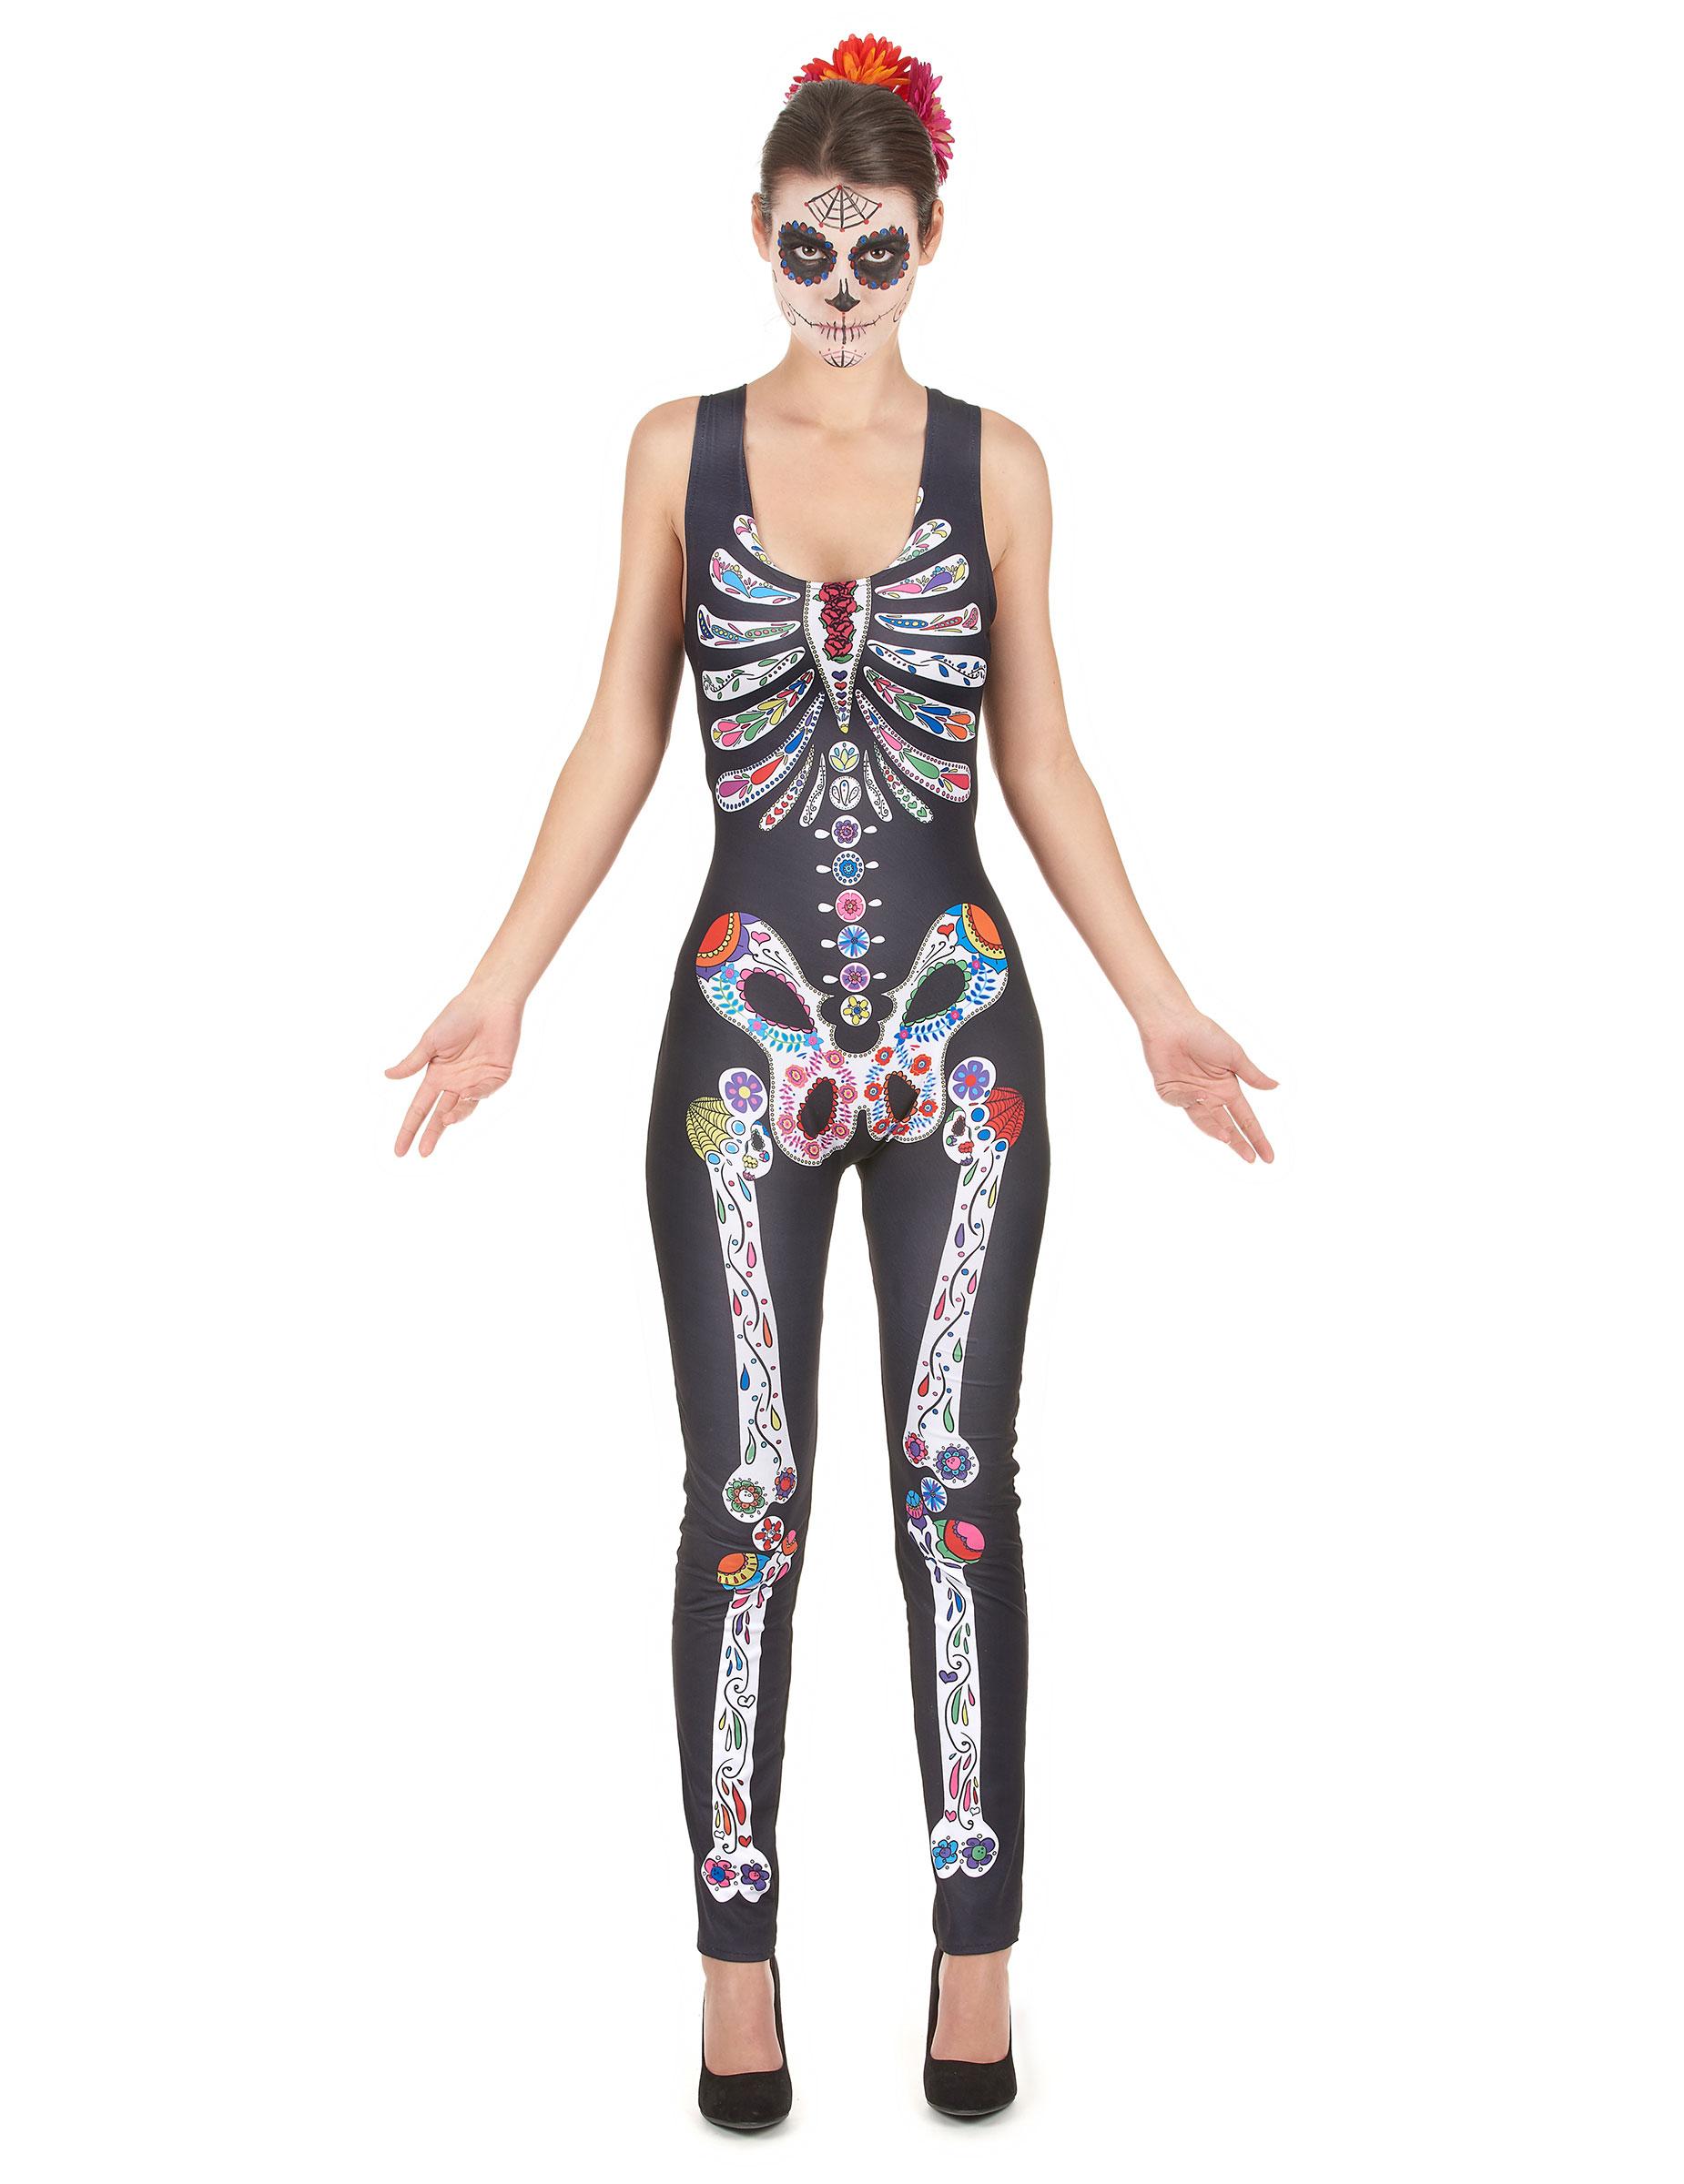 deguisement pour halloween a faire soi meme good dguisement halloween pour enfant fille diy ide. Black Bedroom Furniture Sets. Home Design Ideas